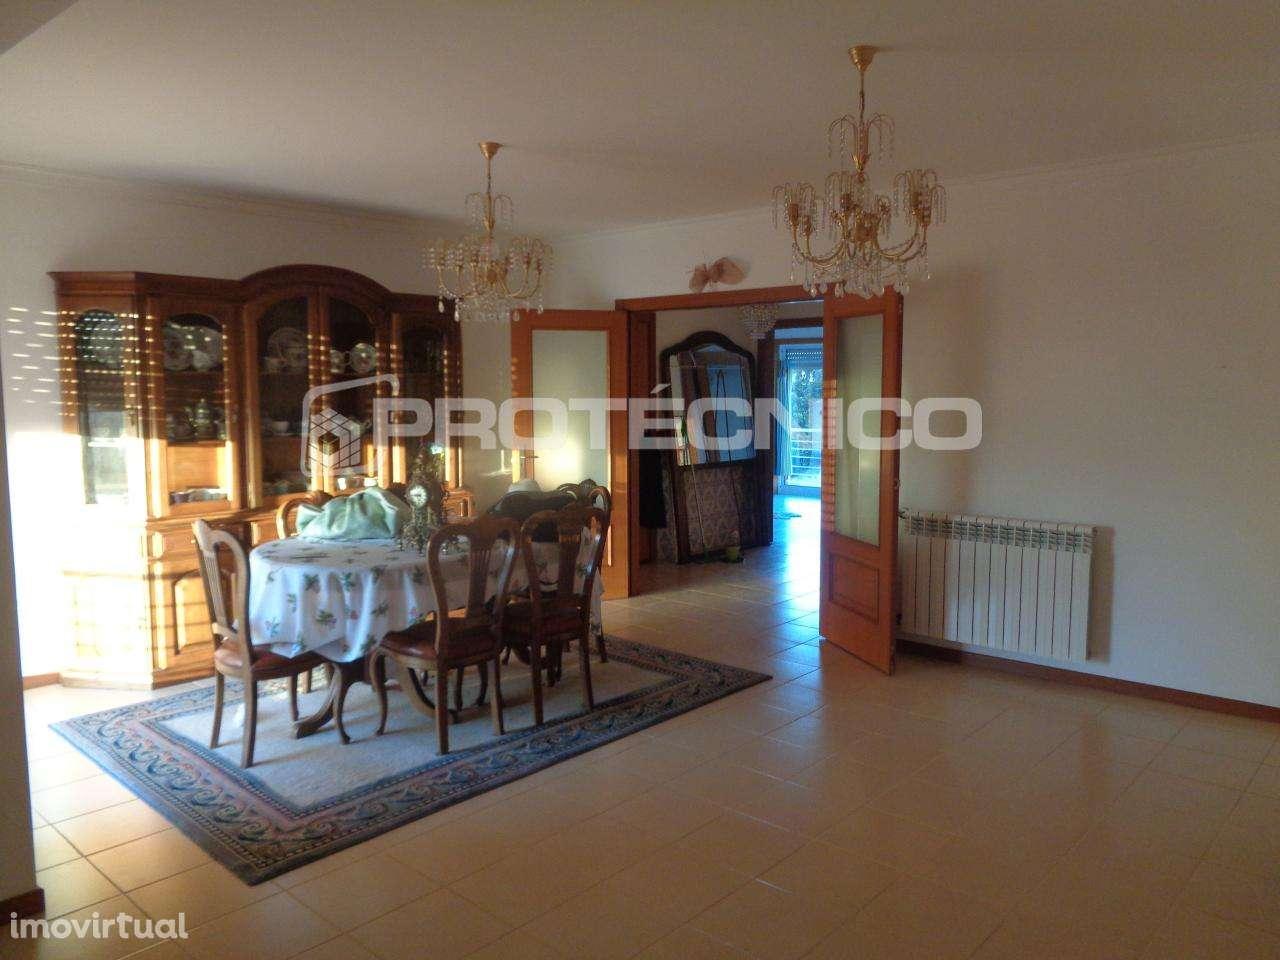 Apartamento para comprar, Gafanha do Carmo, Ílhavo, Aveiro - Foto 2